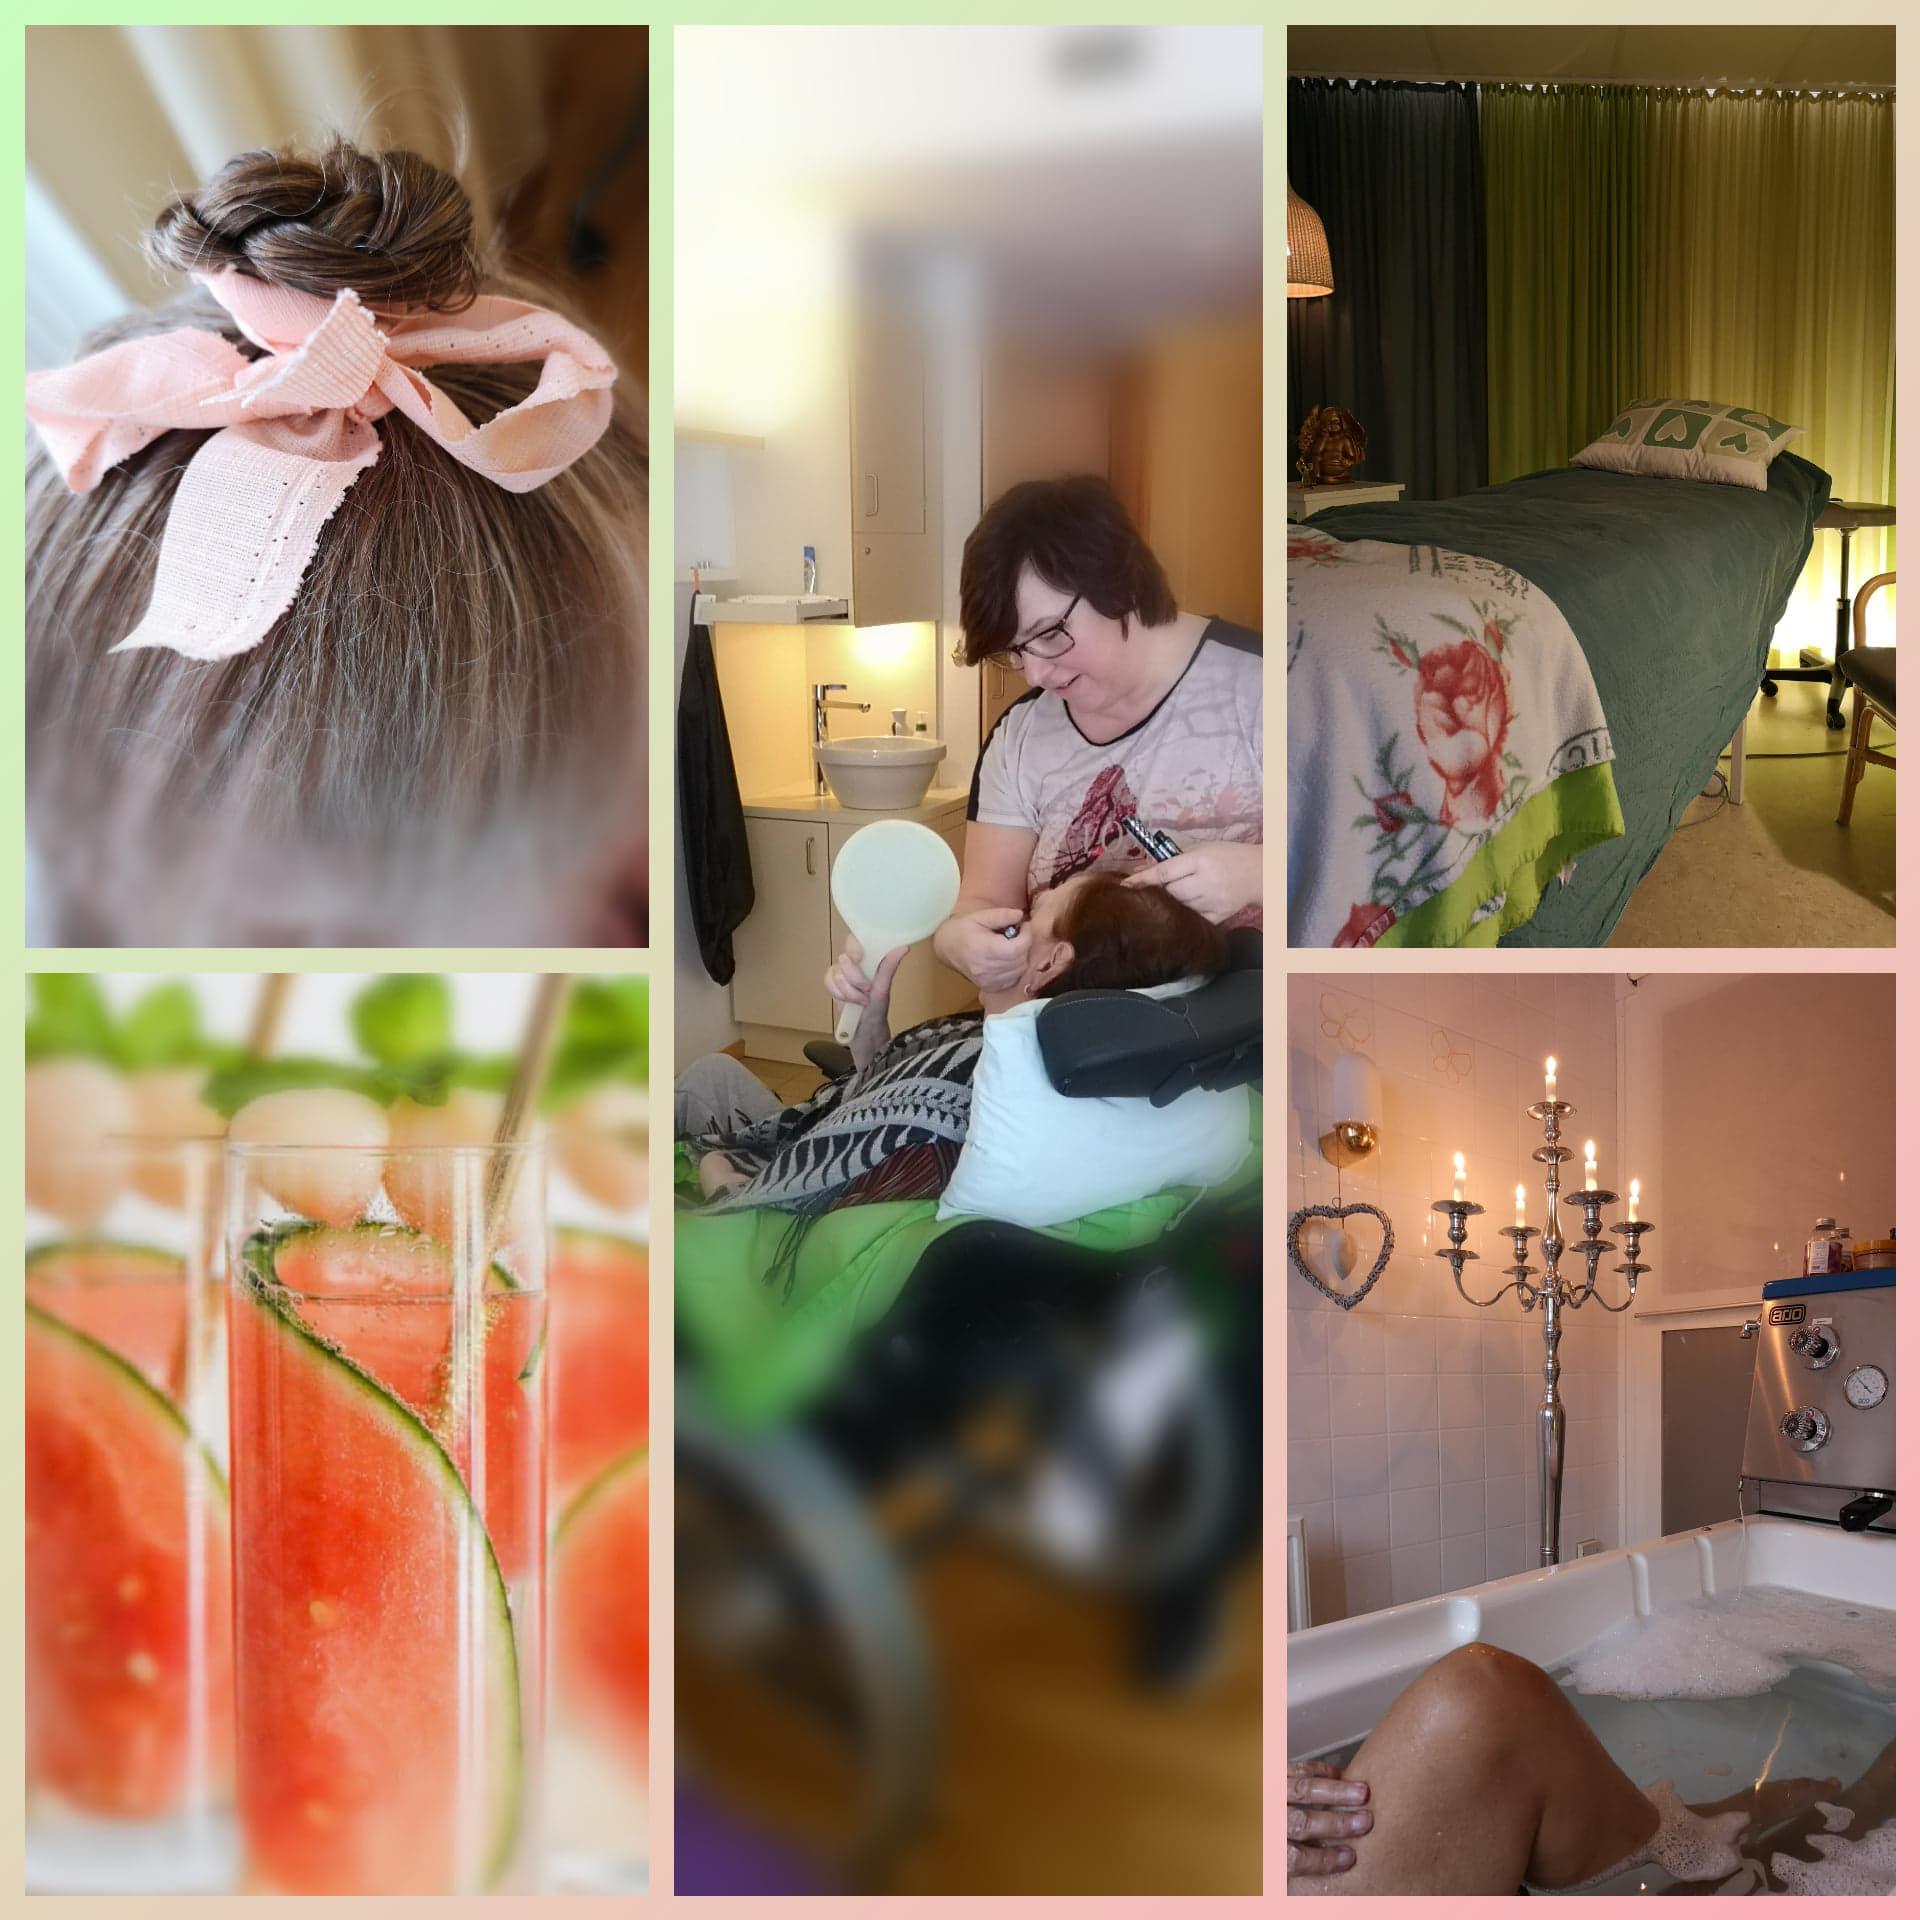 En dag på Hospice. När en gäst inte orkar att duscha tvättar personalen håret i sängen, kammar, flätar och dekorerar med matchande hårband till klädsel. I ett rum bredvid görs en make up inför ett födelsedagskalas senare på eftermiddagen.  Anhöriga och gäster erbjuds mjuk beröring. På eftermiddagen sänks  en gäst ned i ett njutbart bad med en lyft.  Till kvällen serveras det en läskande drink för de som önskar.